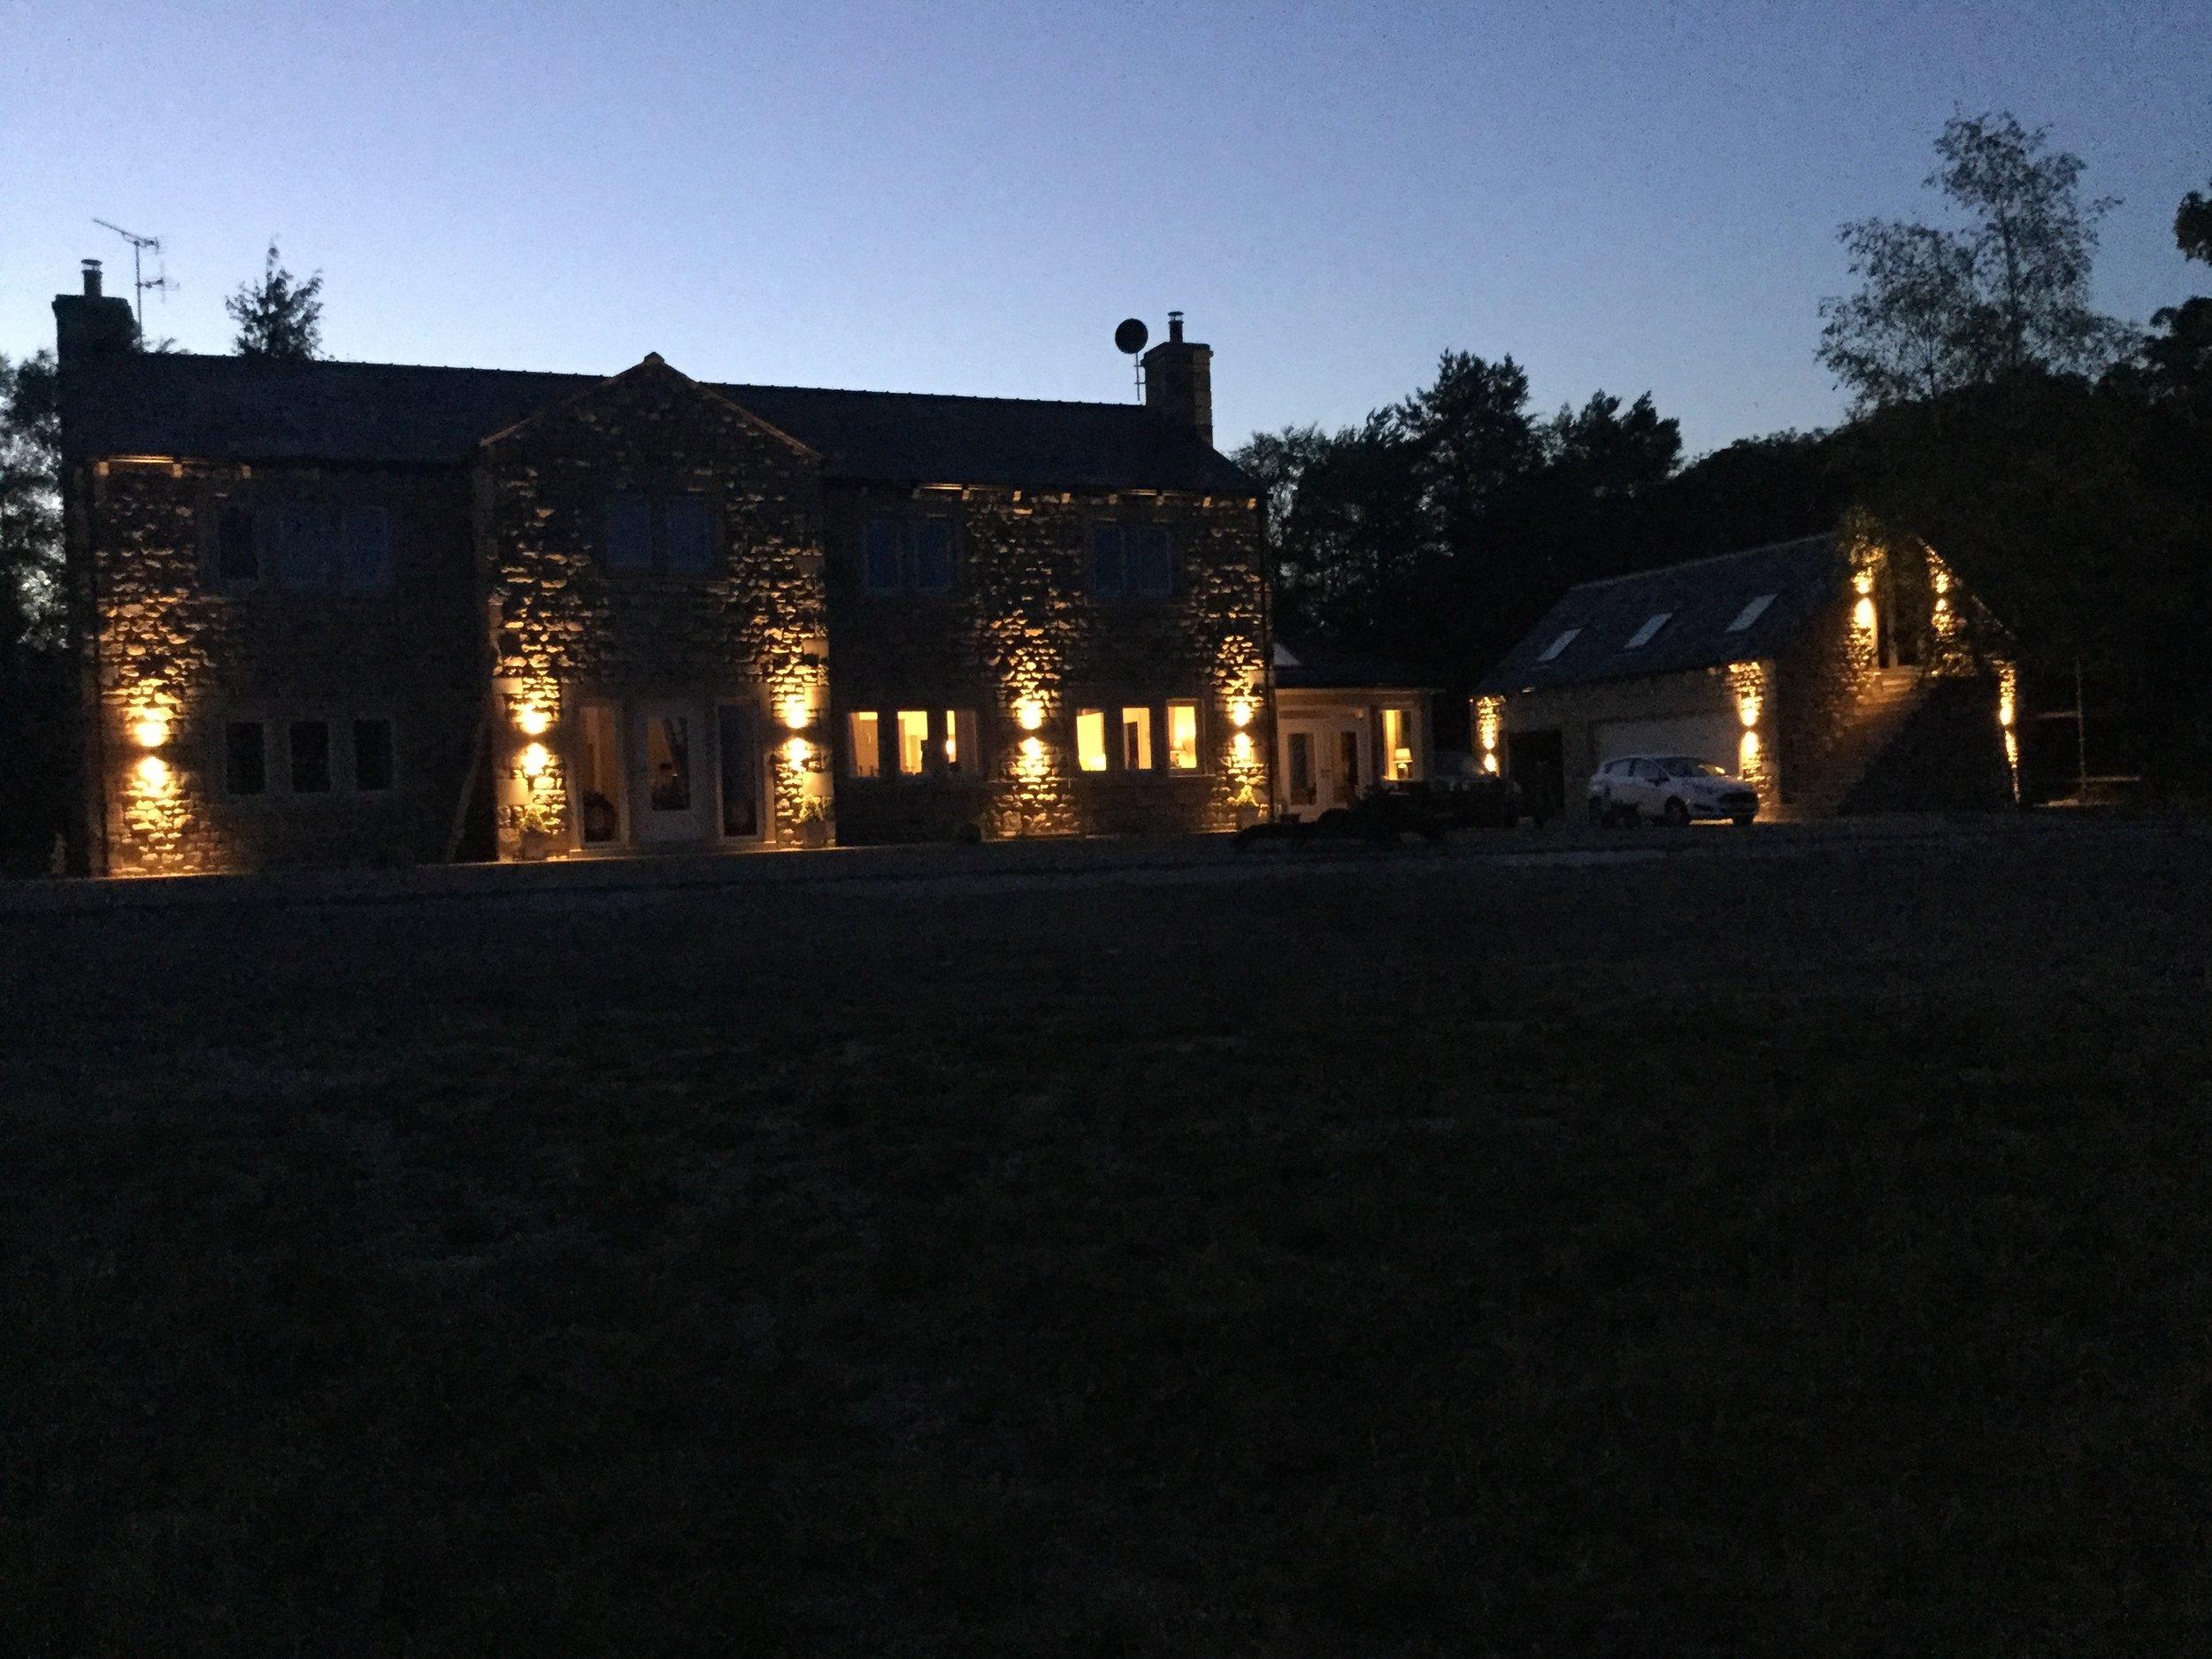 Property at Night